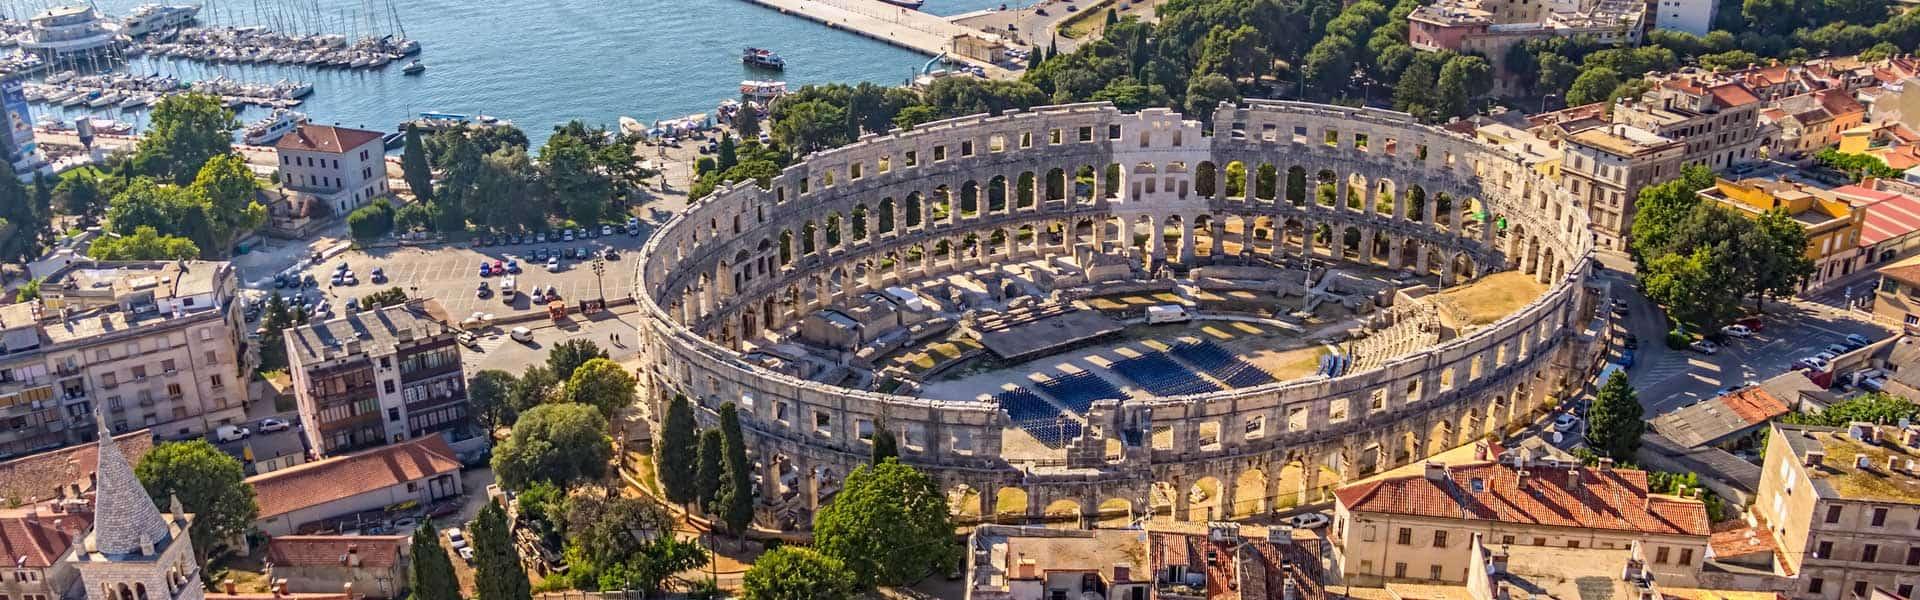 Ein Ort mit Geschichte: das Amphitheater in Pula, Kroatien